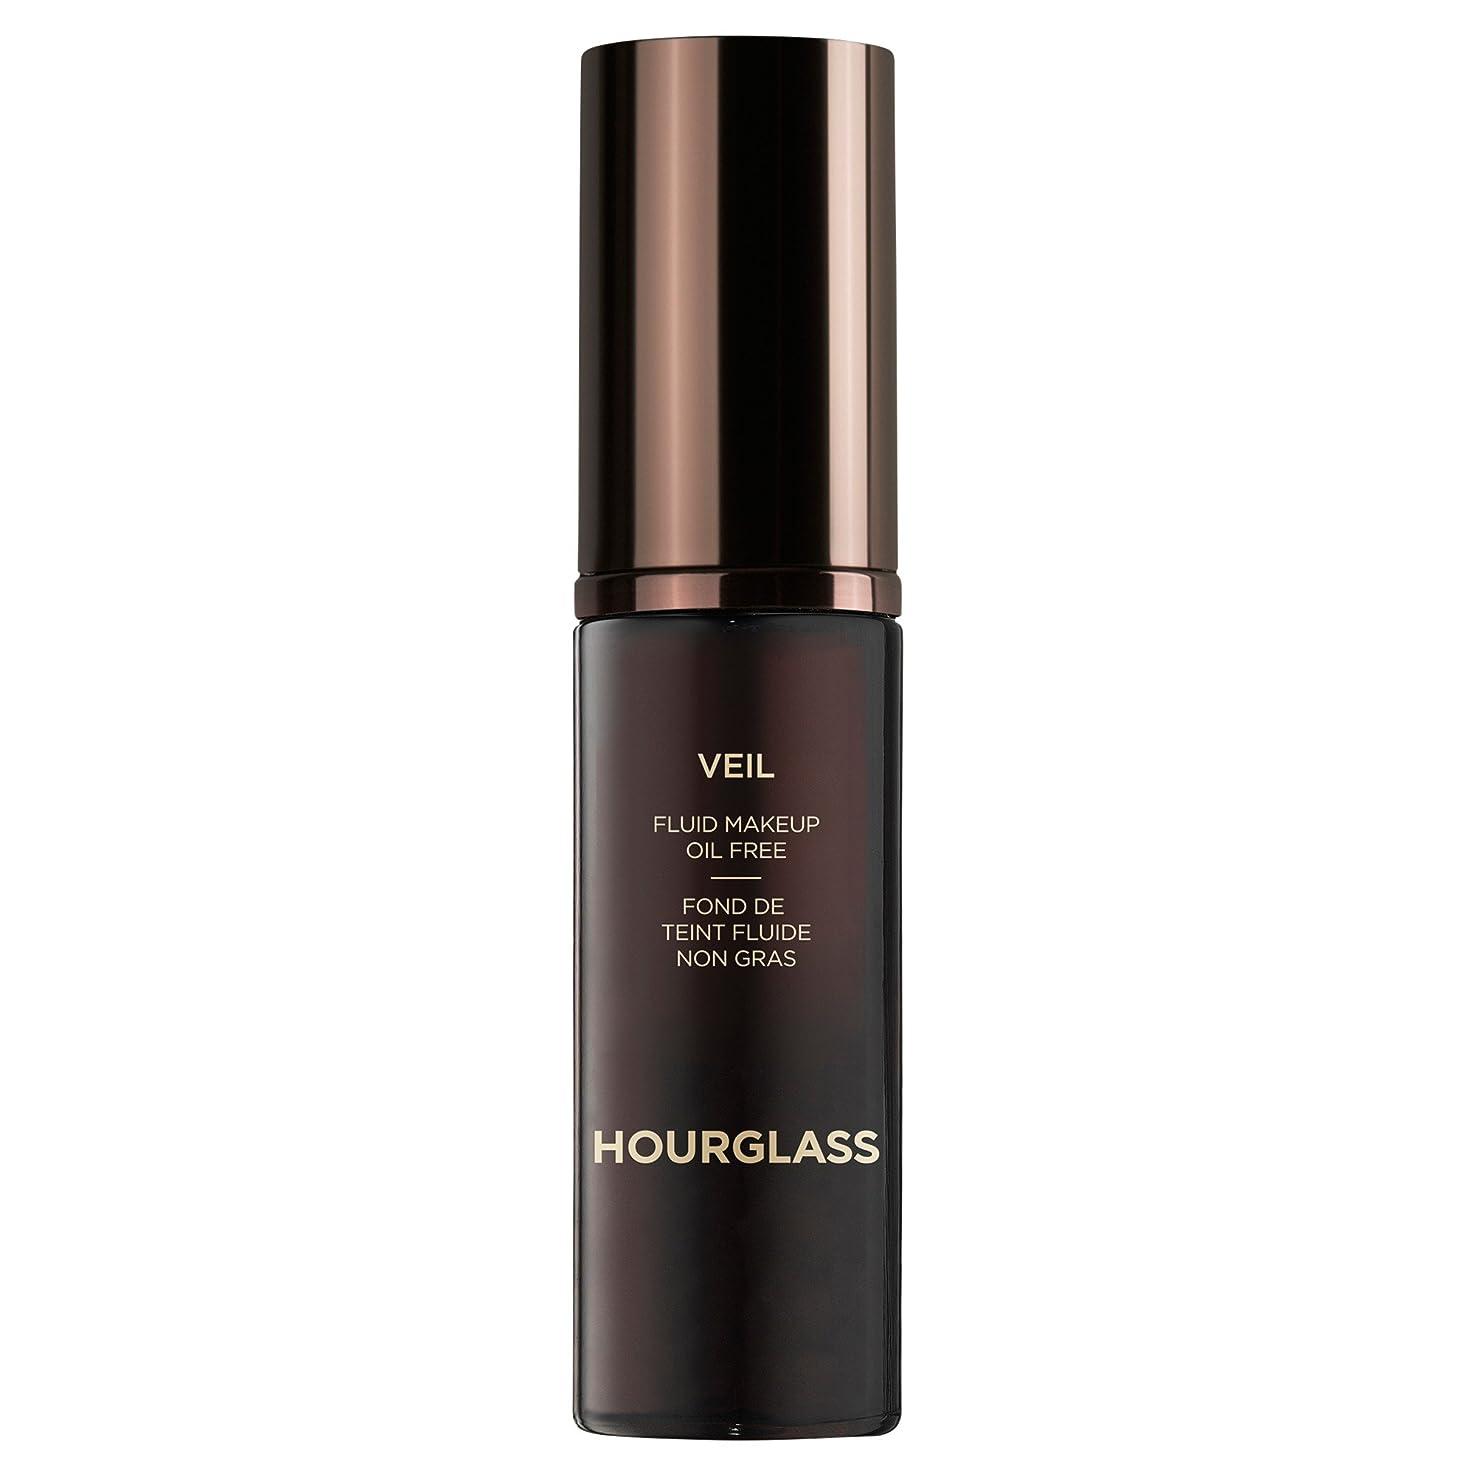 ドラッグフローひばり流体化粧磁器ベール砂時計 (Hourglass) (x6) - Hourglass Veil Fluid Makeup Porcelain (Pack of 6) [並行輸入品]